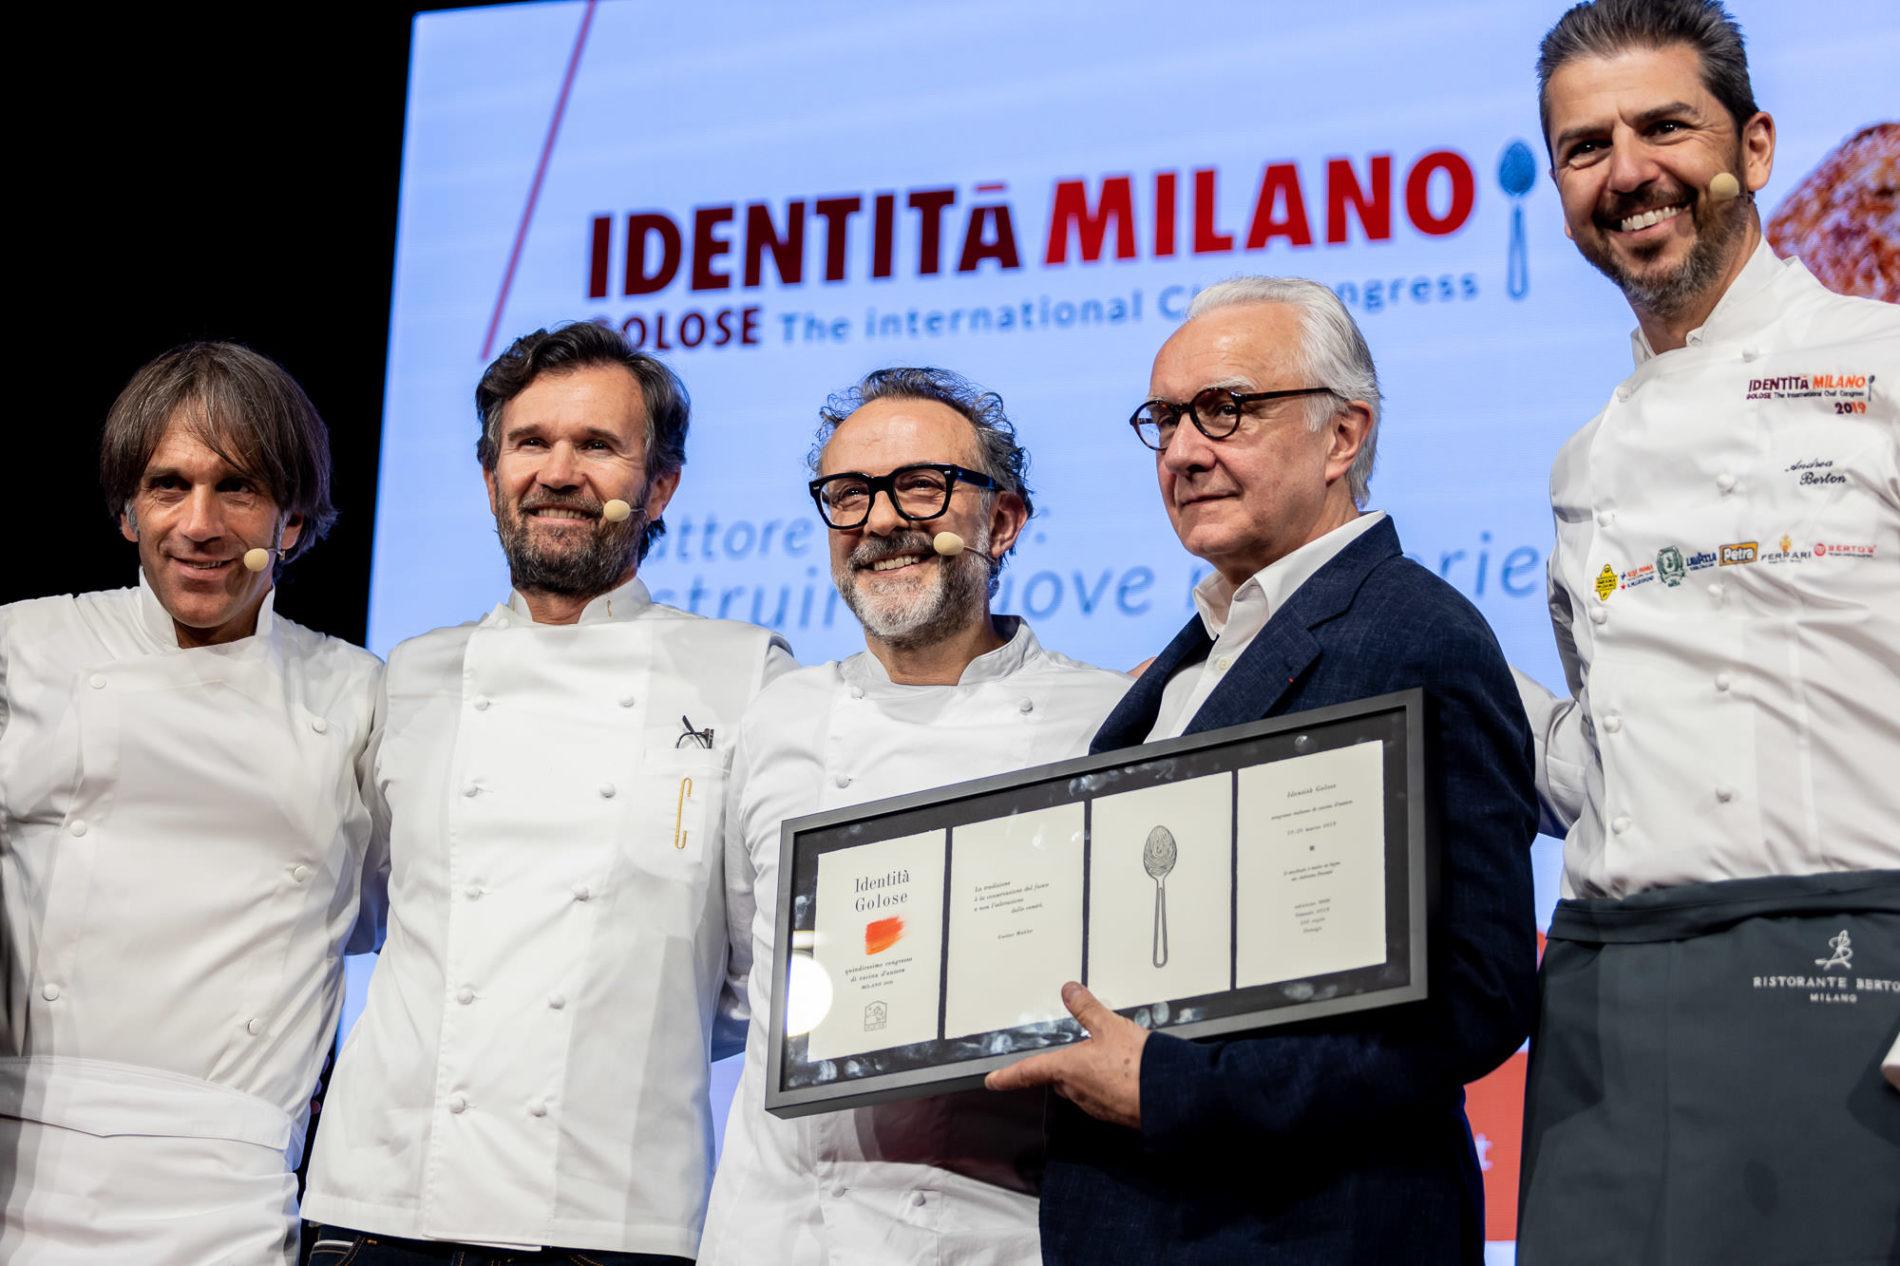 Identità Golose Milano 2019 le foto migliori